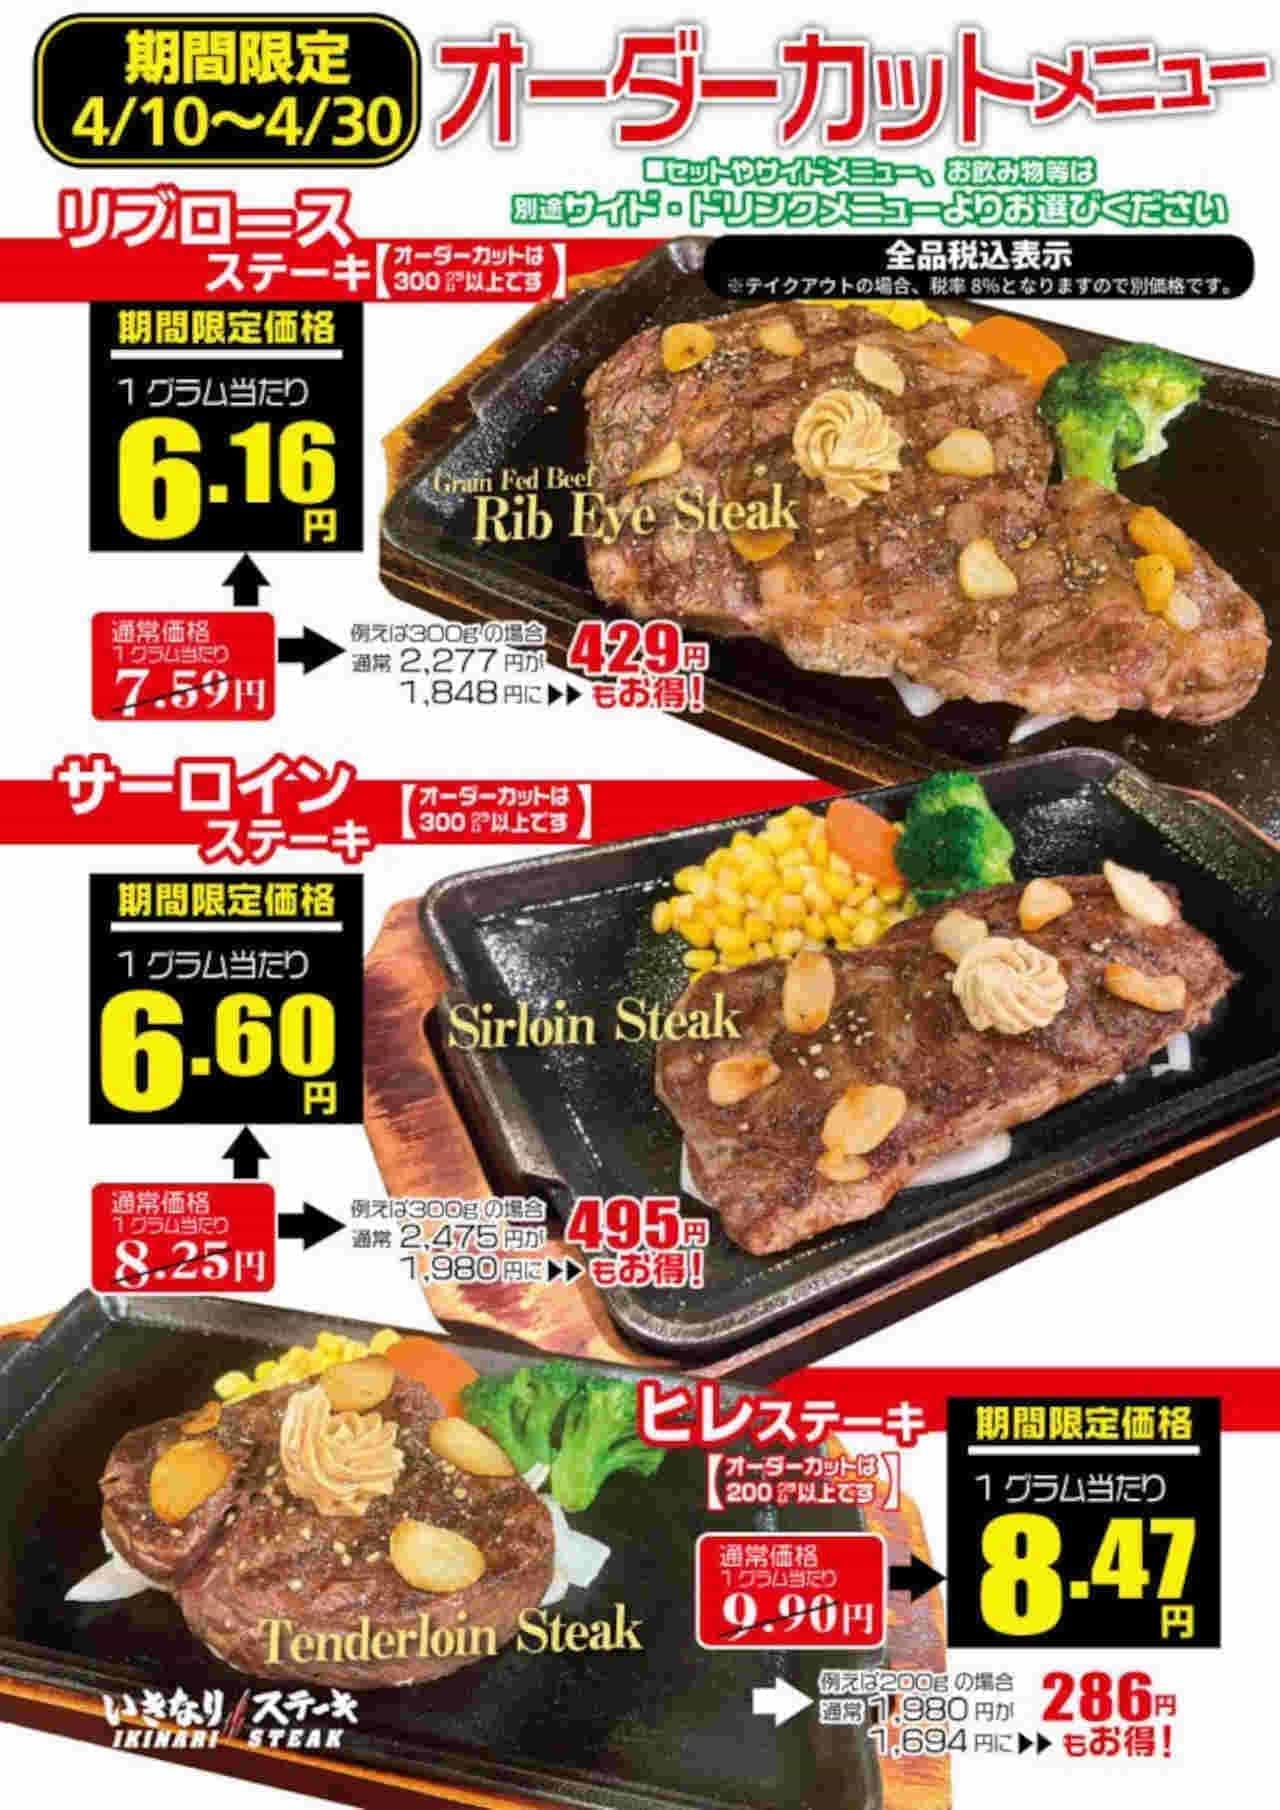 いきなり!ステーキ「リブロースステーキ」